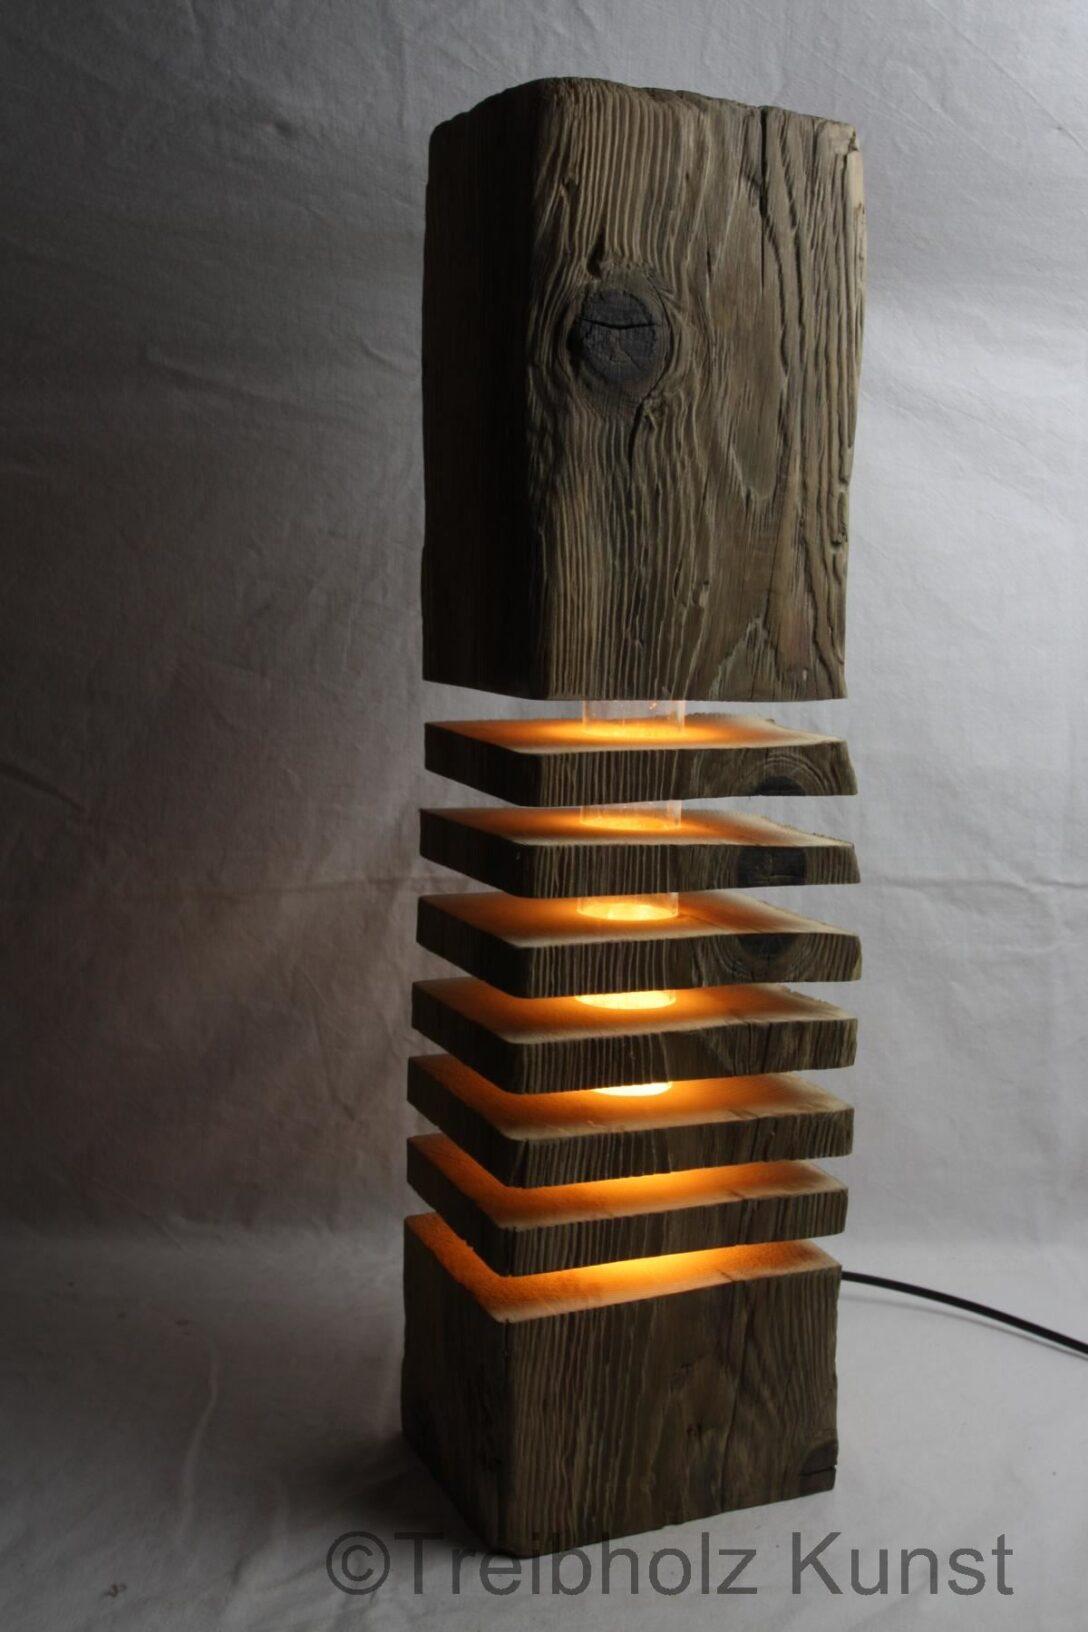 Large Size of Designer Lampen Wohnzimmer Einmalige Treibholz Bodenseede Stehlampen Sideboard Kommode Deko Rollo Teppich Pendelleuchte Deckenleuchten Heizkörper Komplett Wohnzimmer Designer Lampen Wohnzimmer